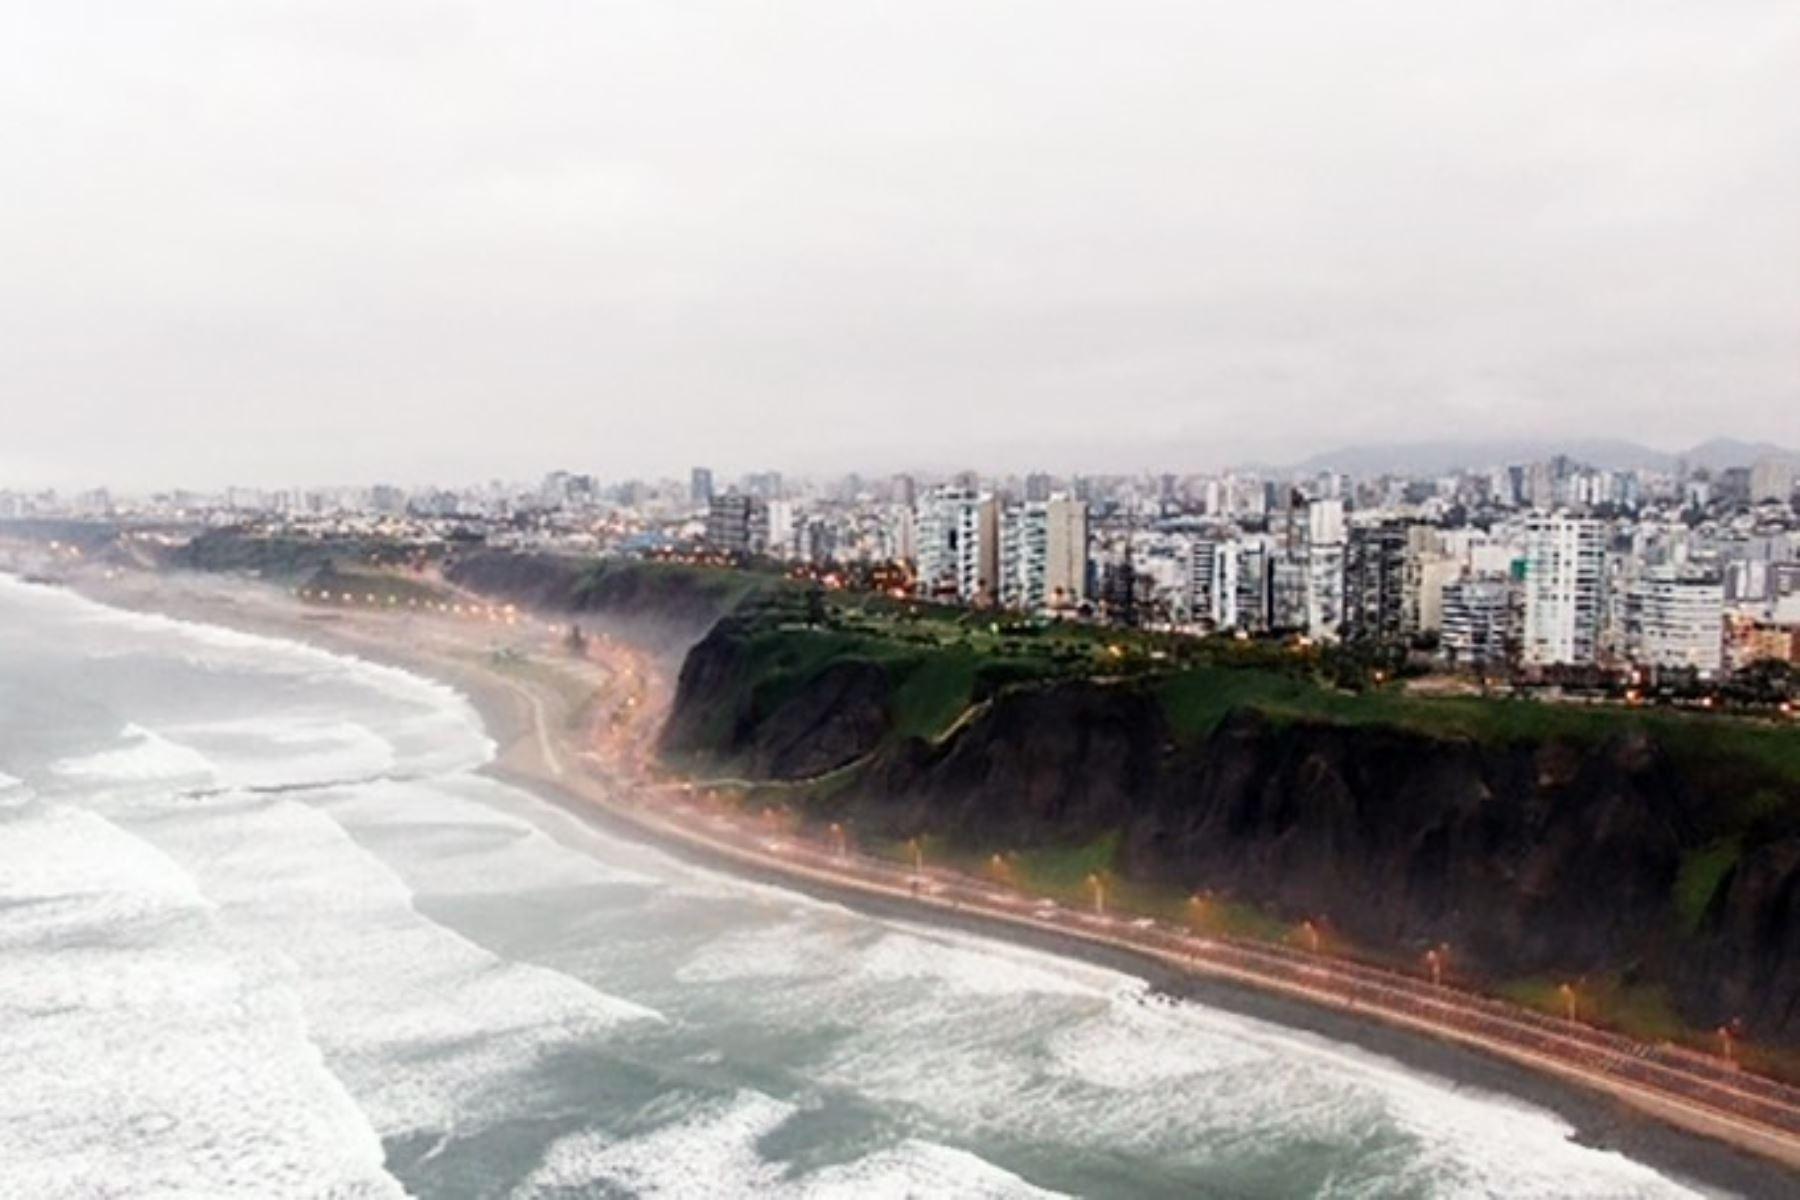 La calidad del aire mejoró en la capital tras la declaratoria de emergencia y aislamiento social obligatorio.